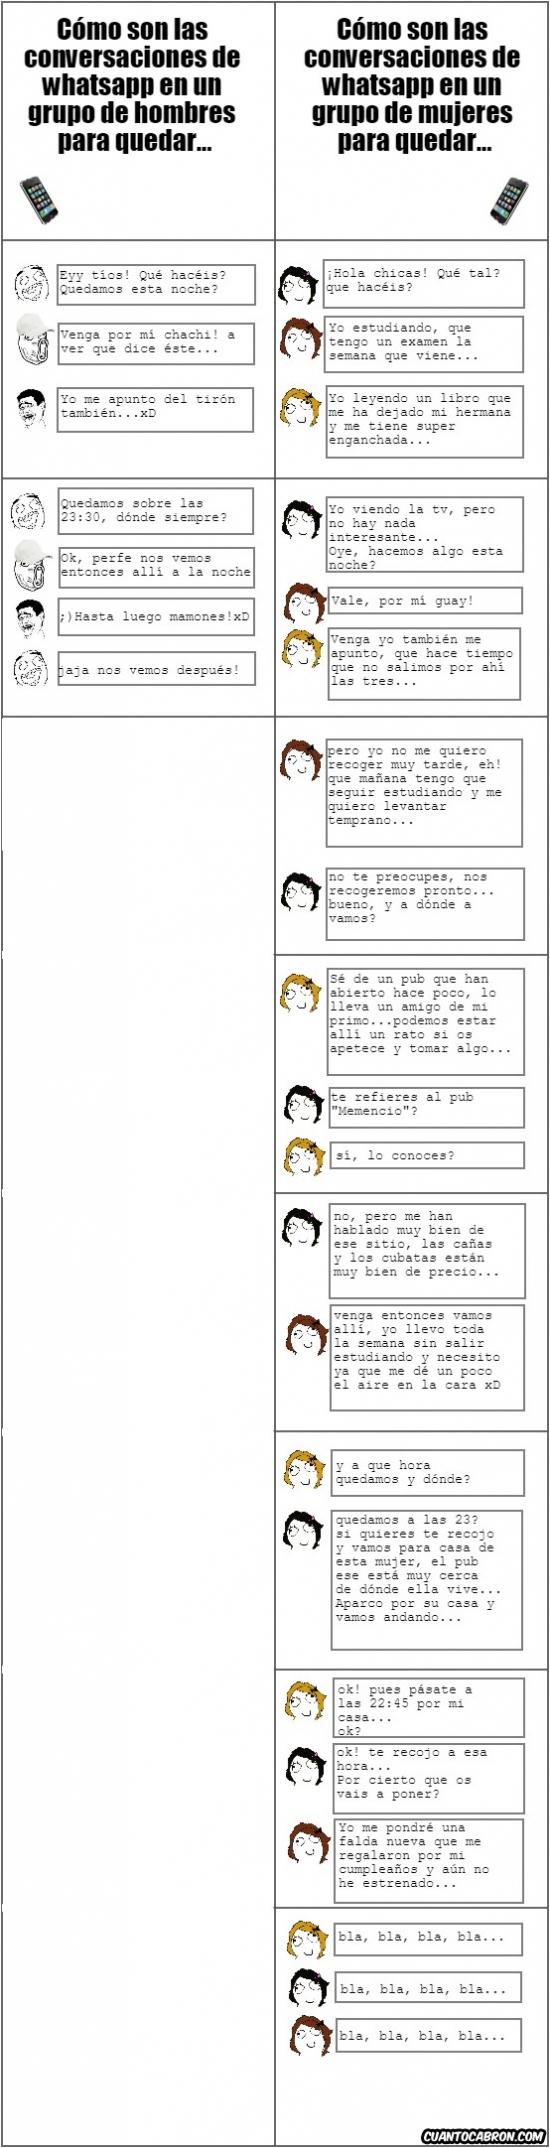 Otros - Diferencias entre las conversaciones de Whatsapp en un grupo de hombres y de mujeres